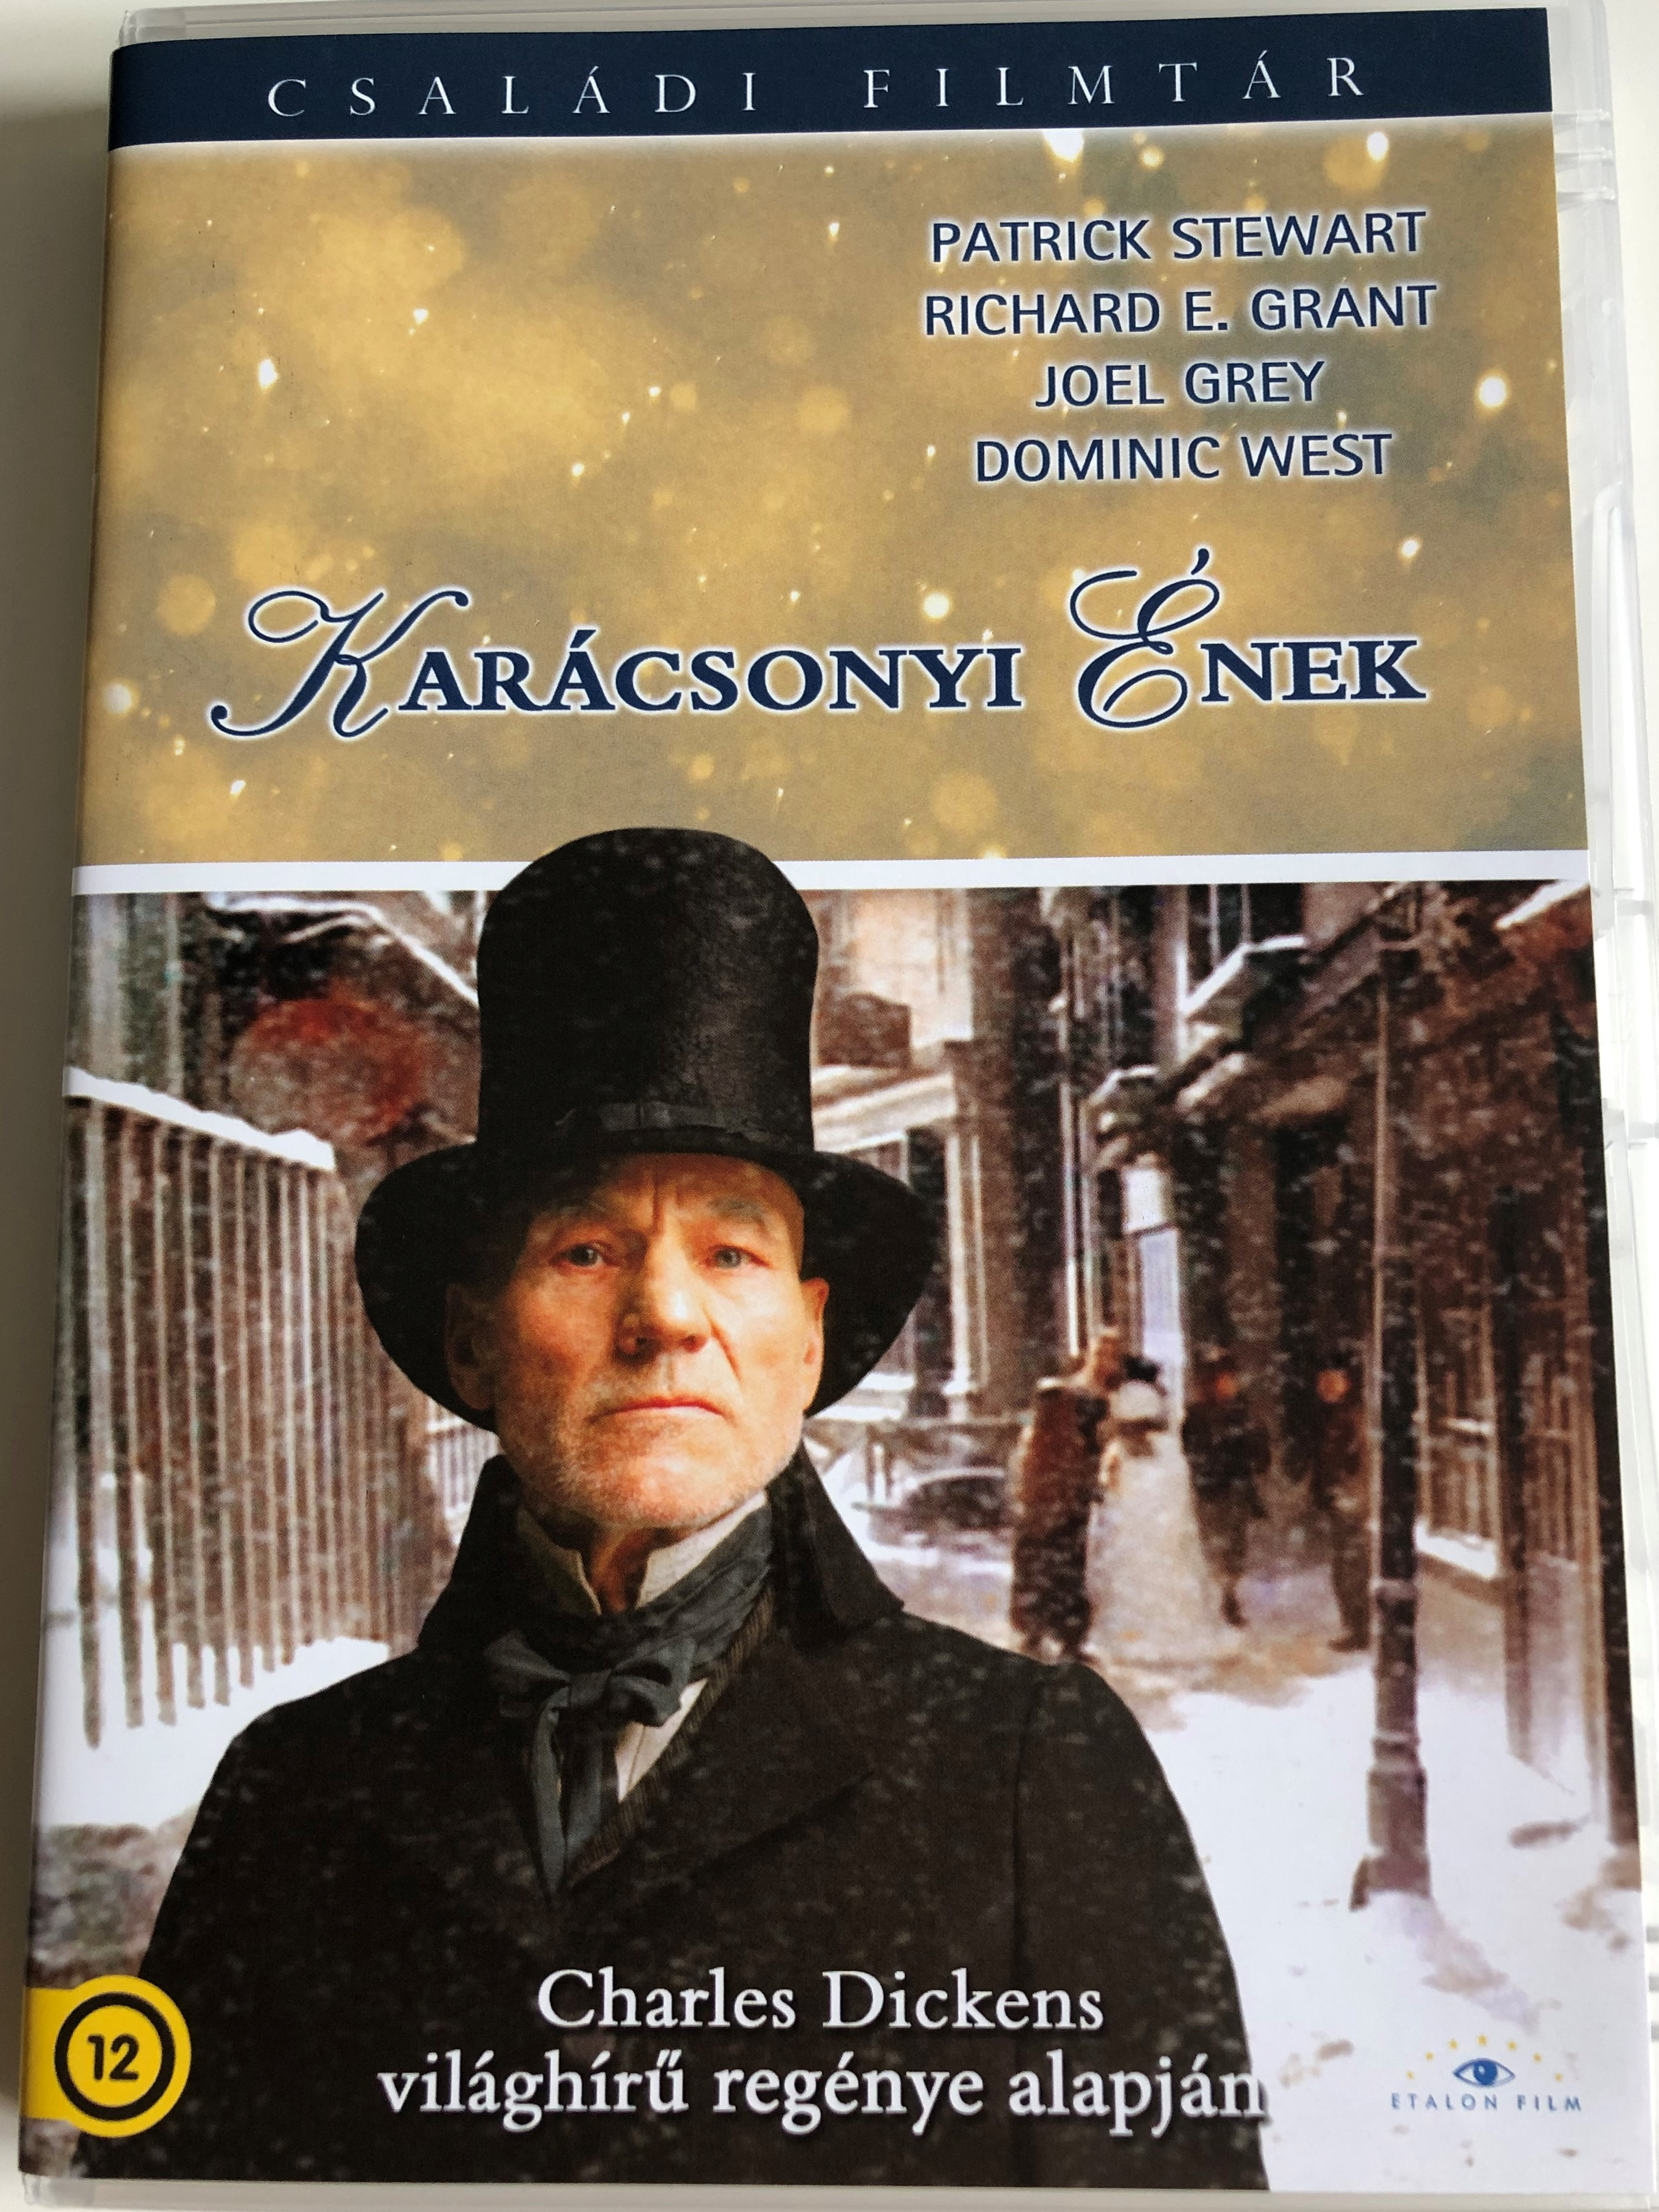 a-christmas-carol-dvd-1999-kar-csonyi-nek-directed-by-david-hugh-jones-starring-patrick-stewart-richard-e.-grant-joel-grey-dominic-west-laura-fraser-based-on-charles-dickens-novel-1-.jpg